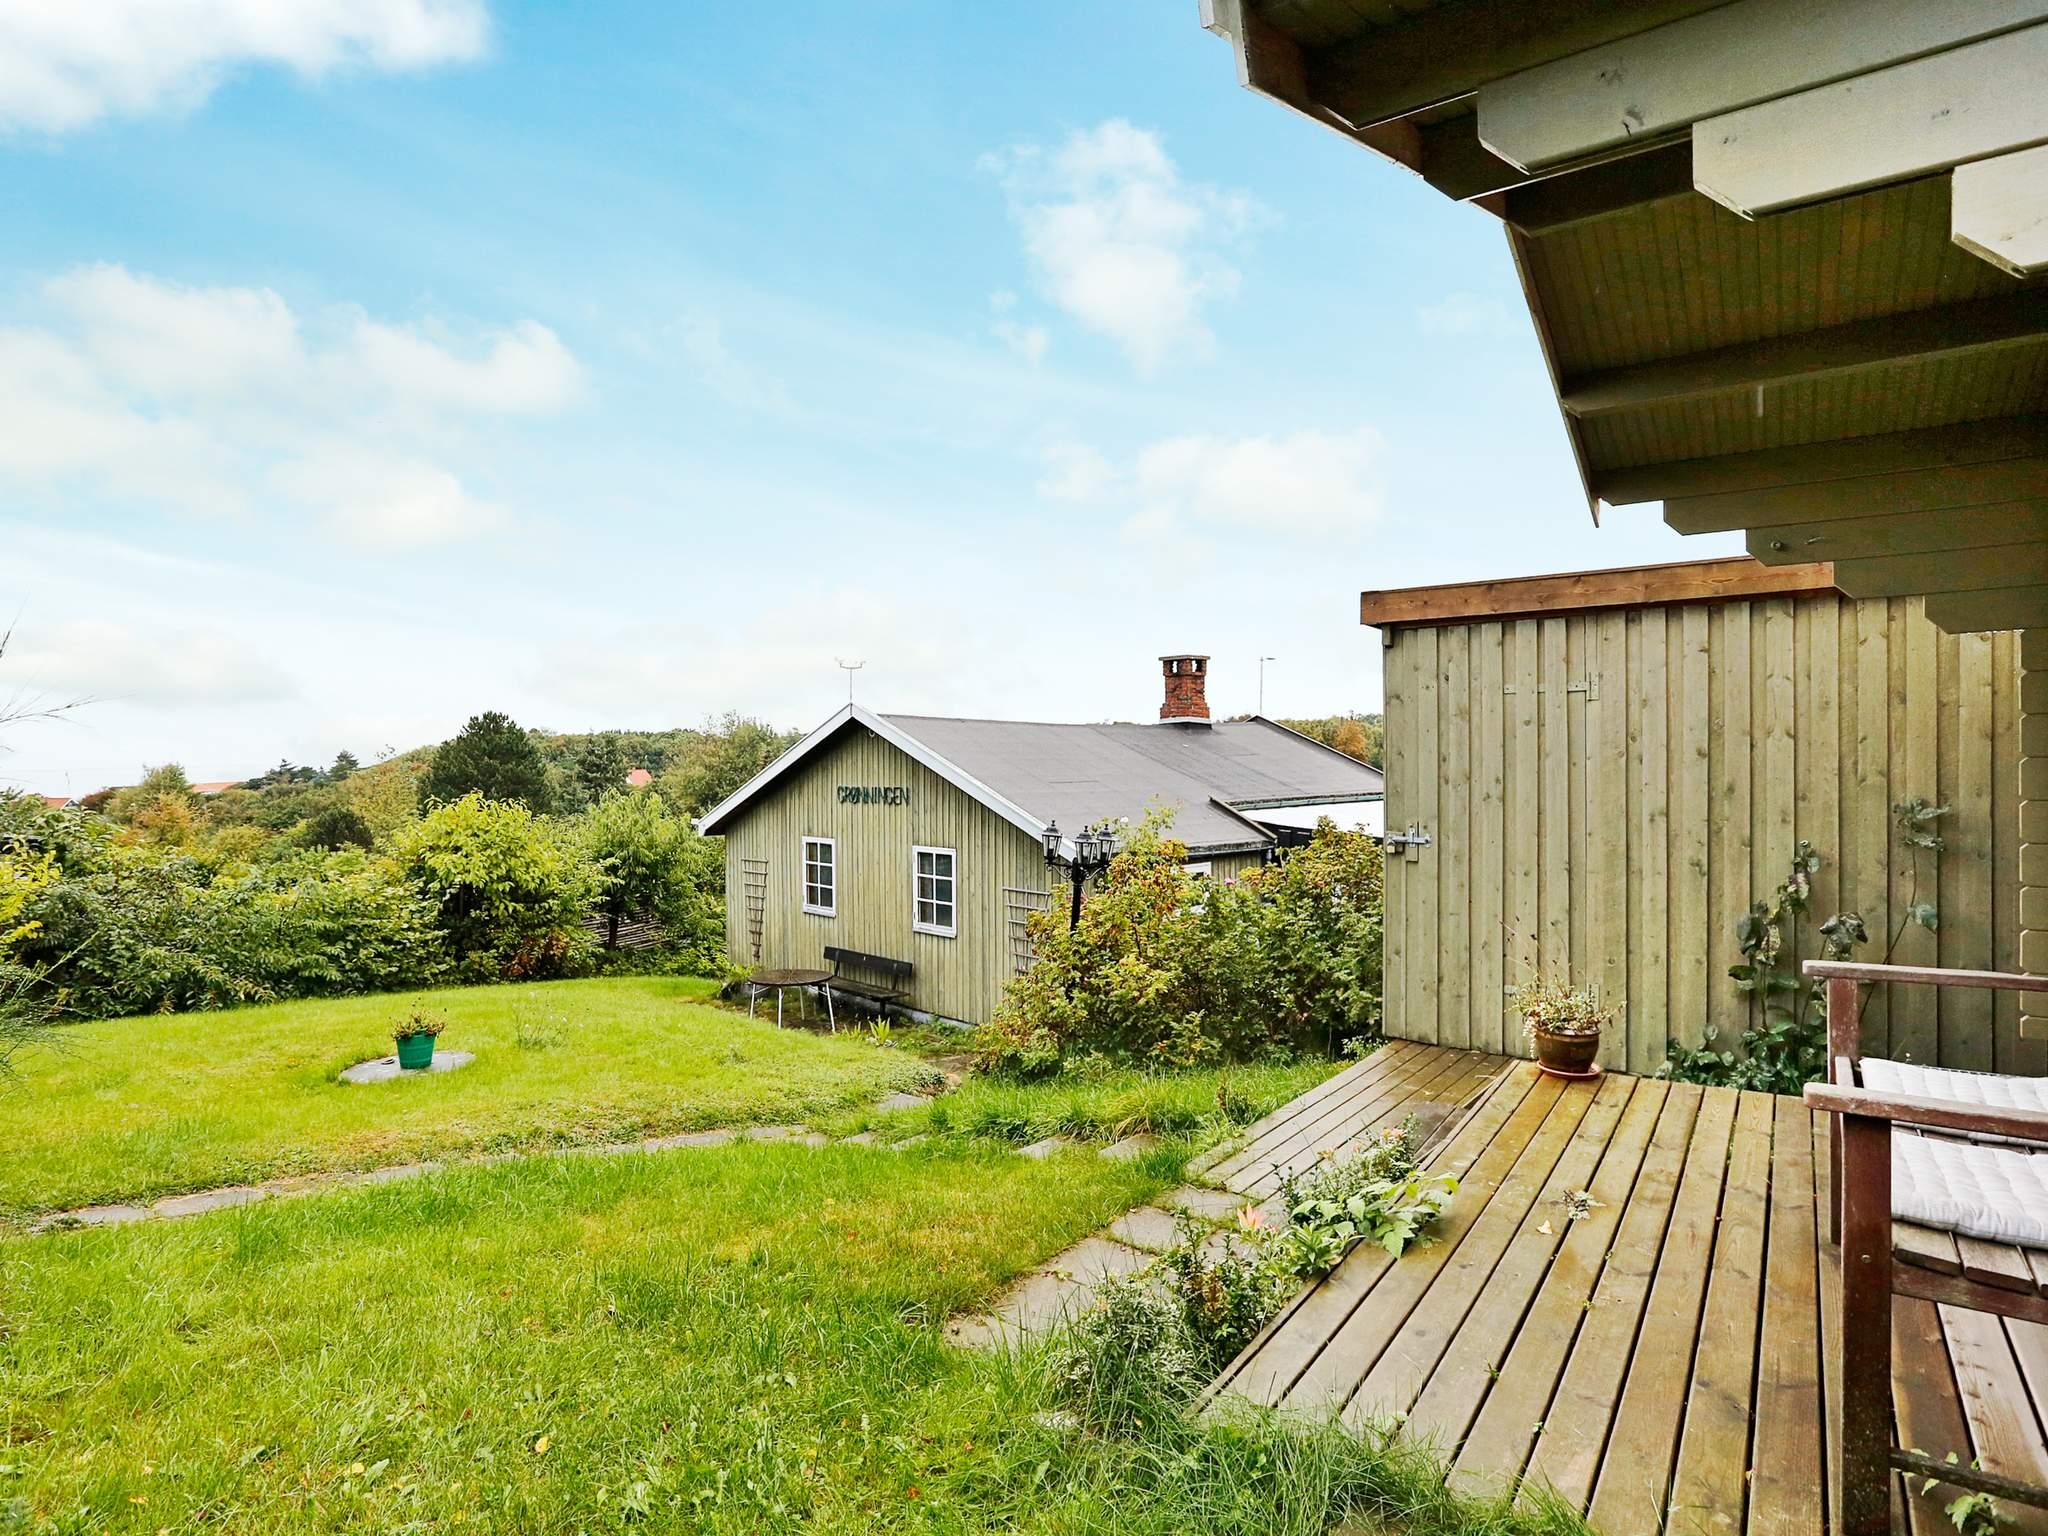 Ferienhaus Rågeleje (921041), Rågeleje, , Nordseeland, Dänemark, Bild 20